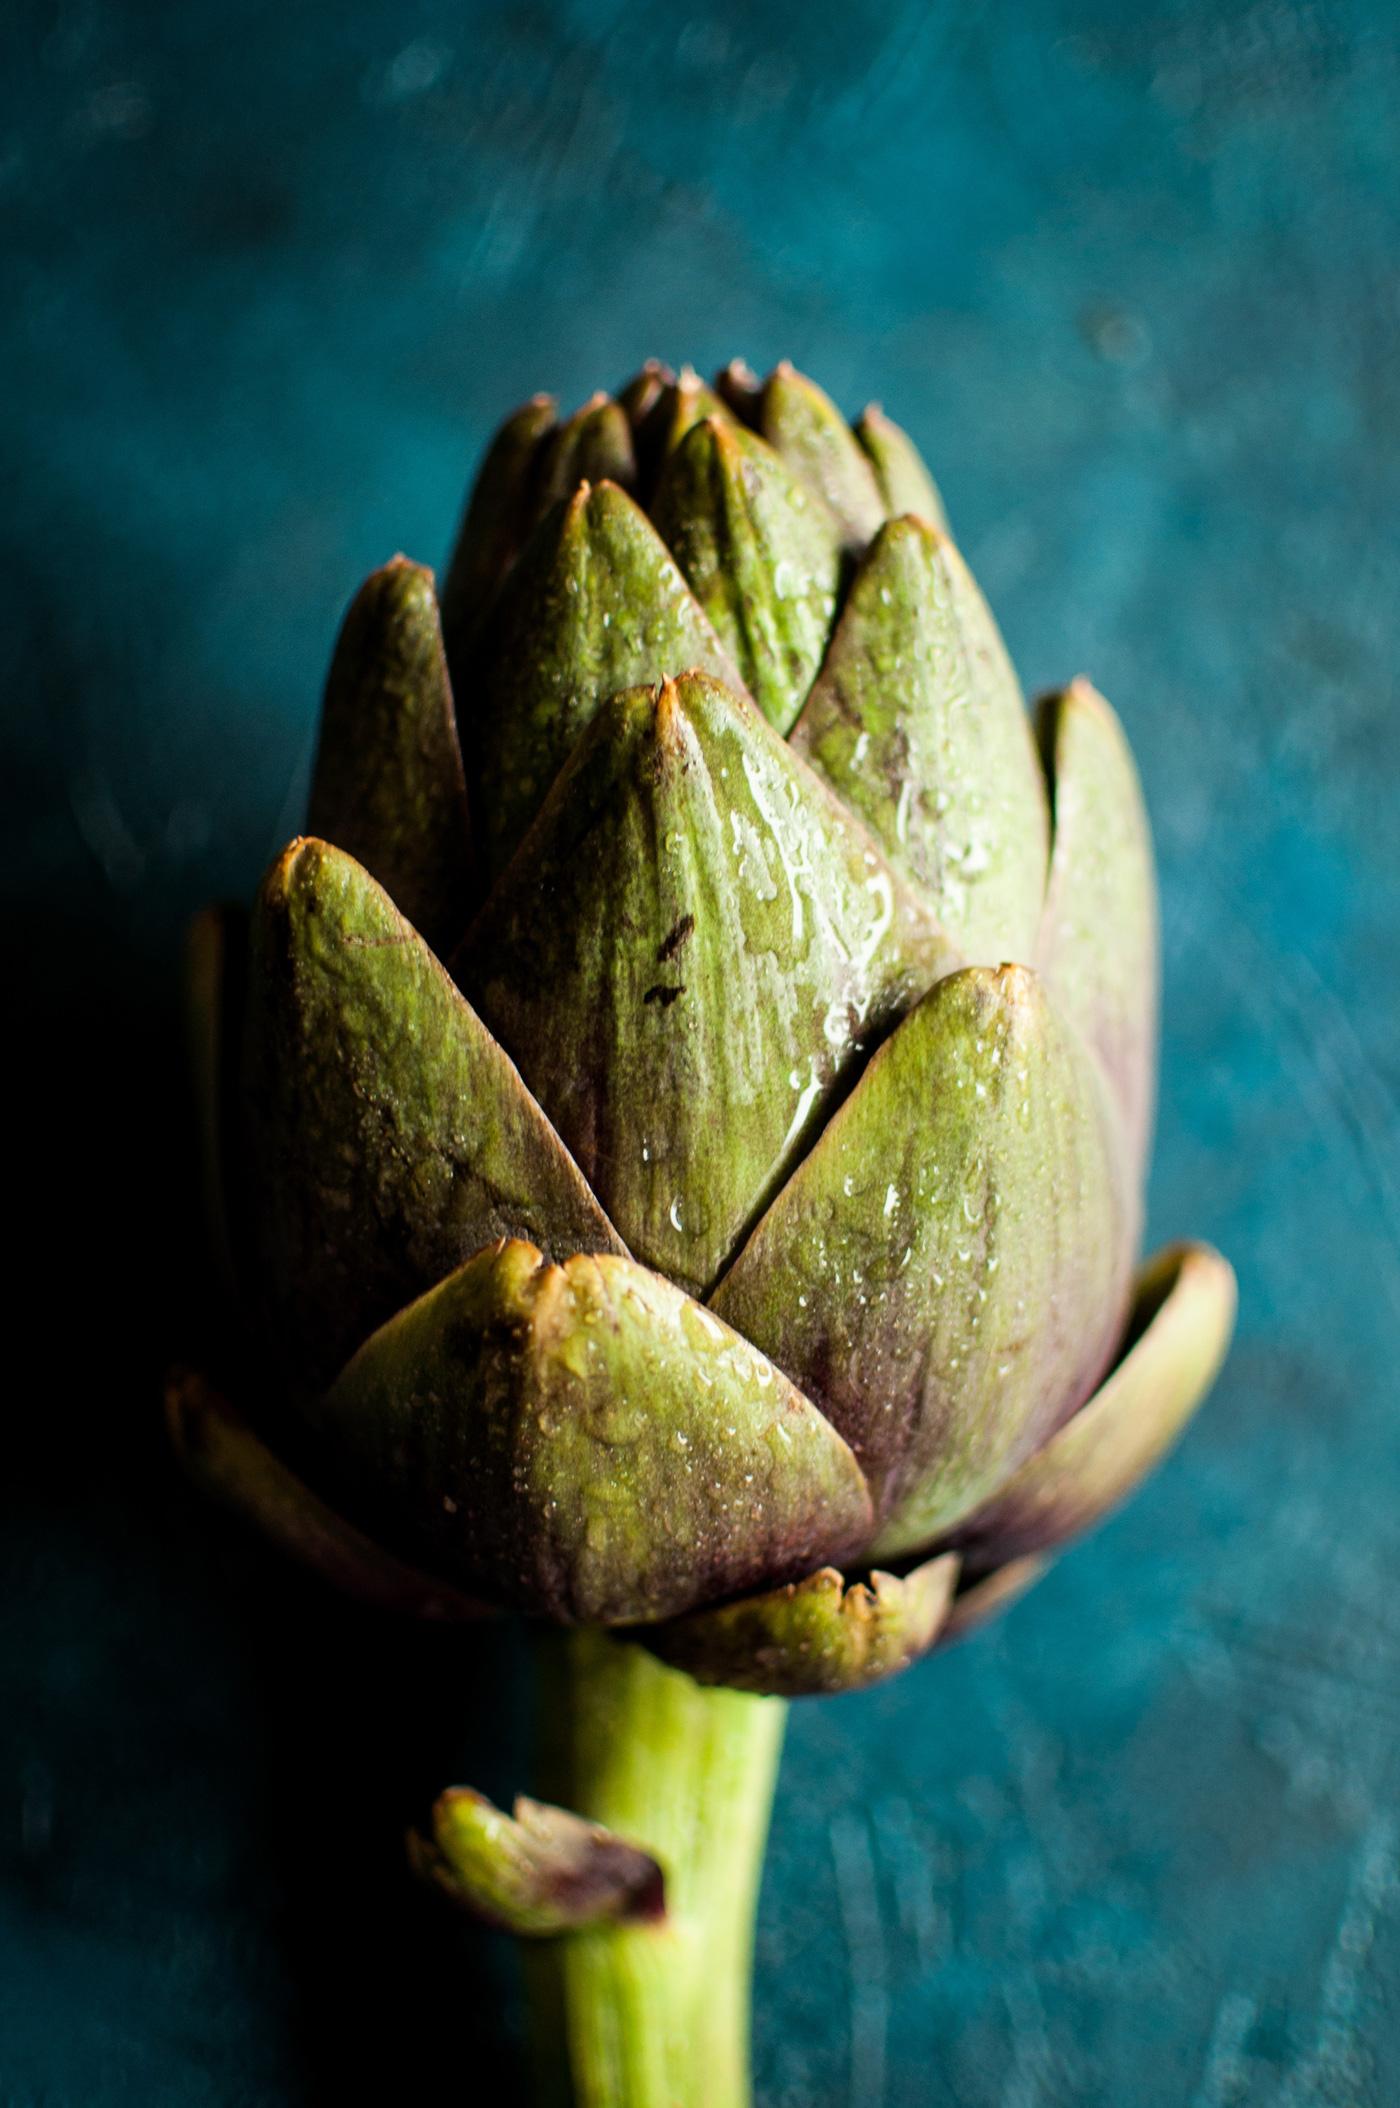 proprietà benefiche dei carciofi - fiore di carciofo